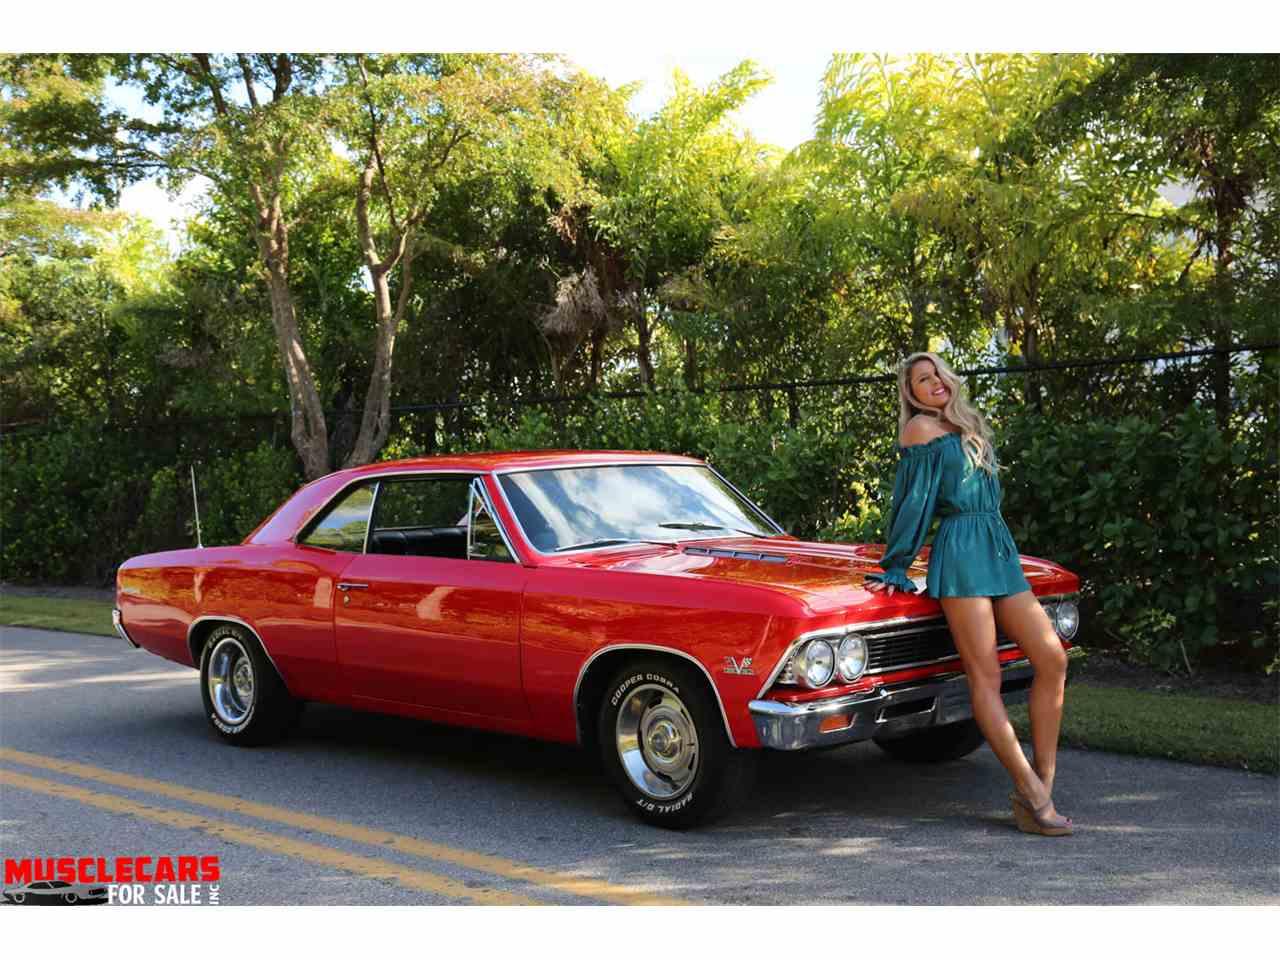 1966 Chevrolet Chevelle Malibu for Sale   ClassicCars.com   CC-1063819